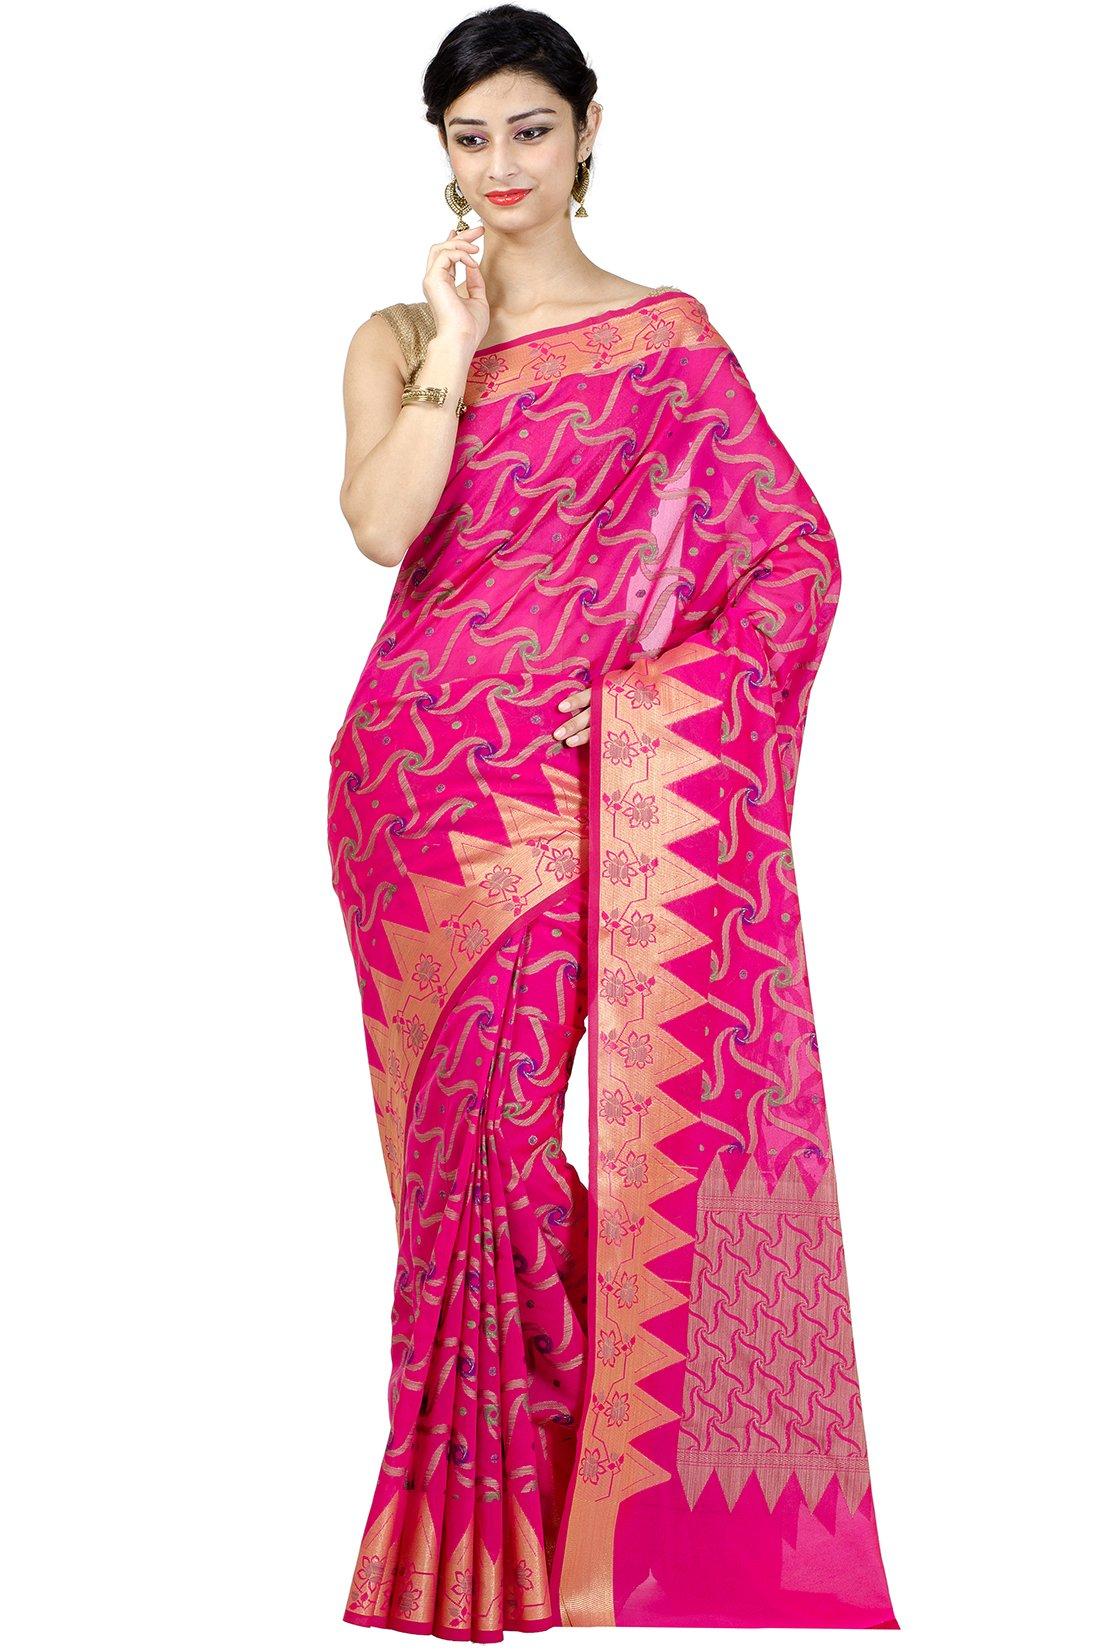 Chandrakala Women's Rani Banarasi Cotton Silk Saree